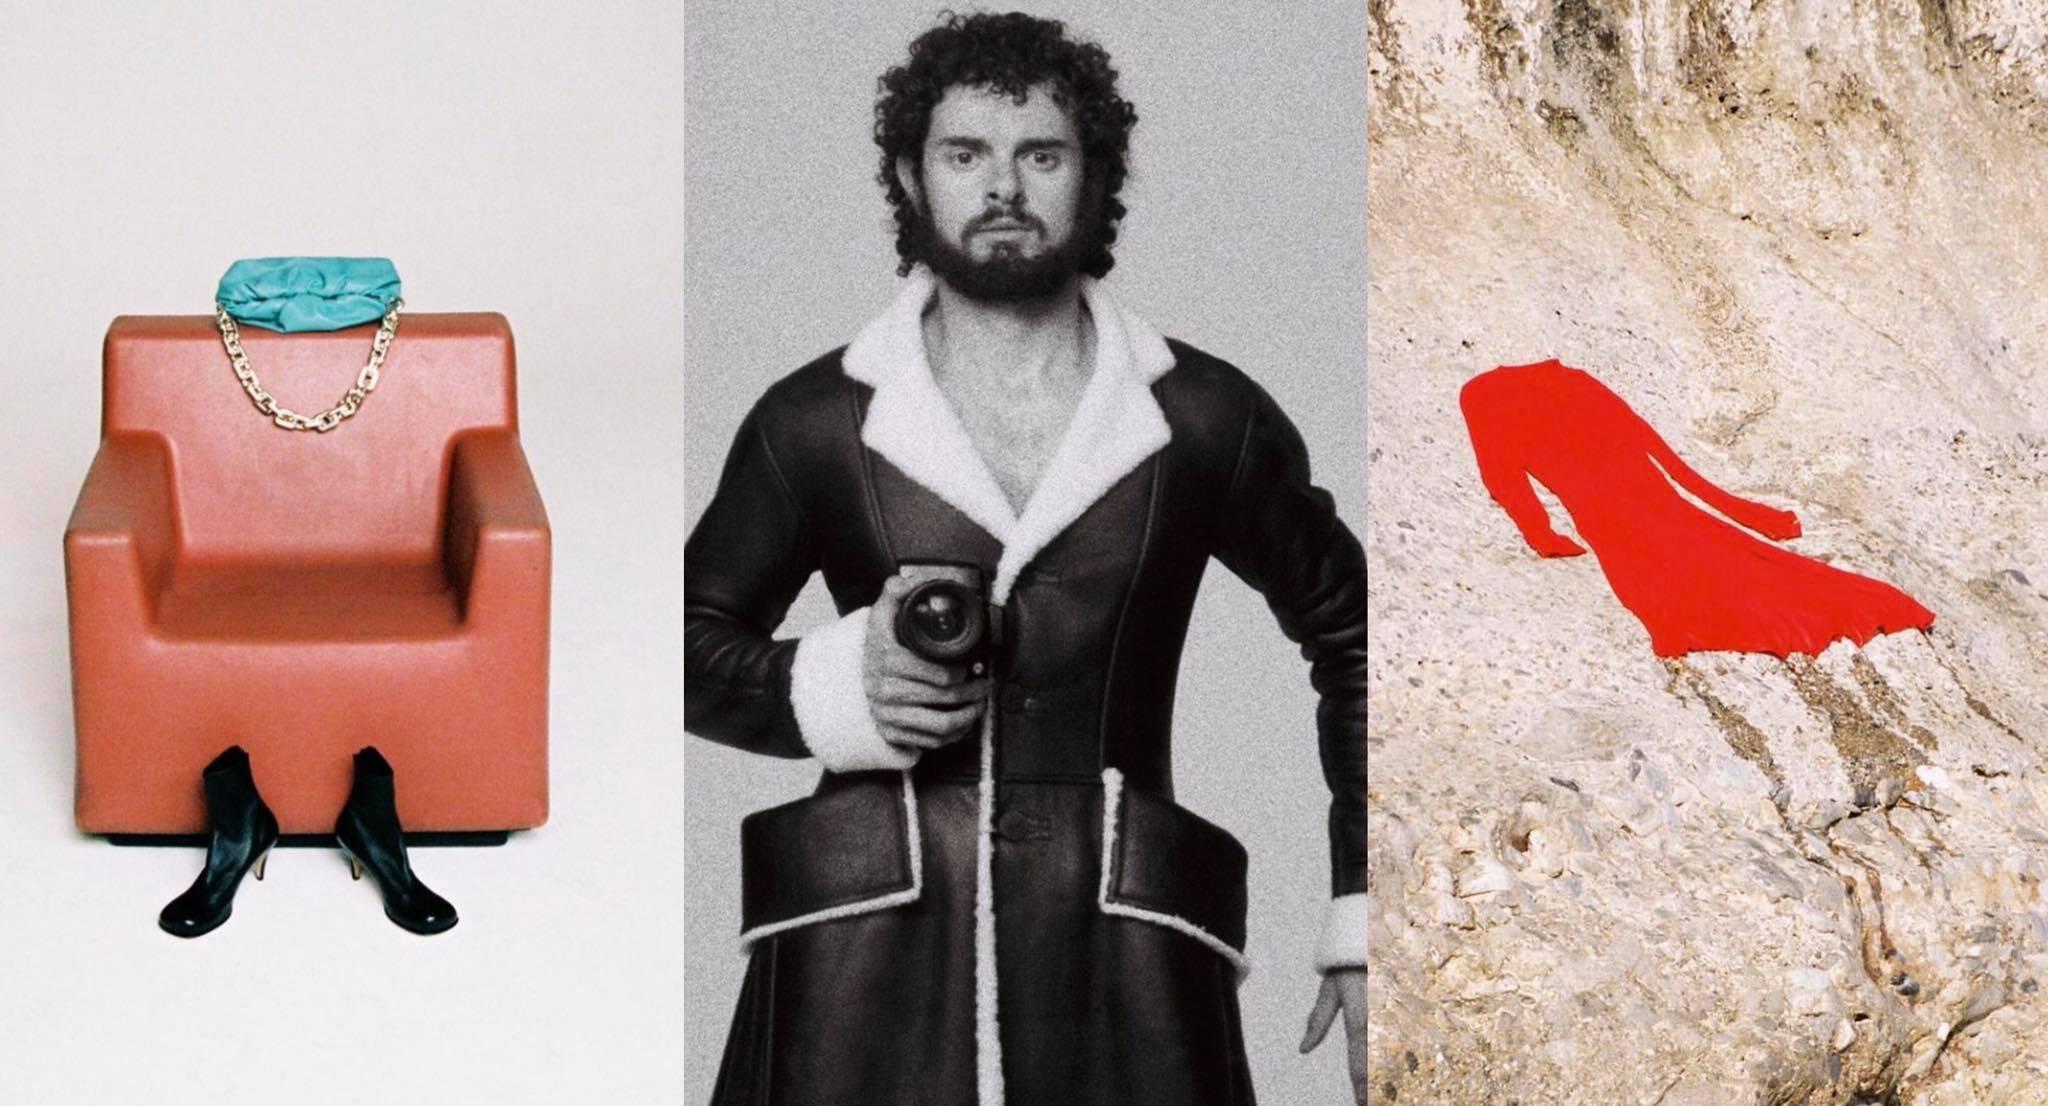 129756308 122874429522128 4789250199977754852 n #fashion The British Fashion Council, Давид Гиоргадзе, мода, фотография, фэшн